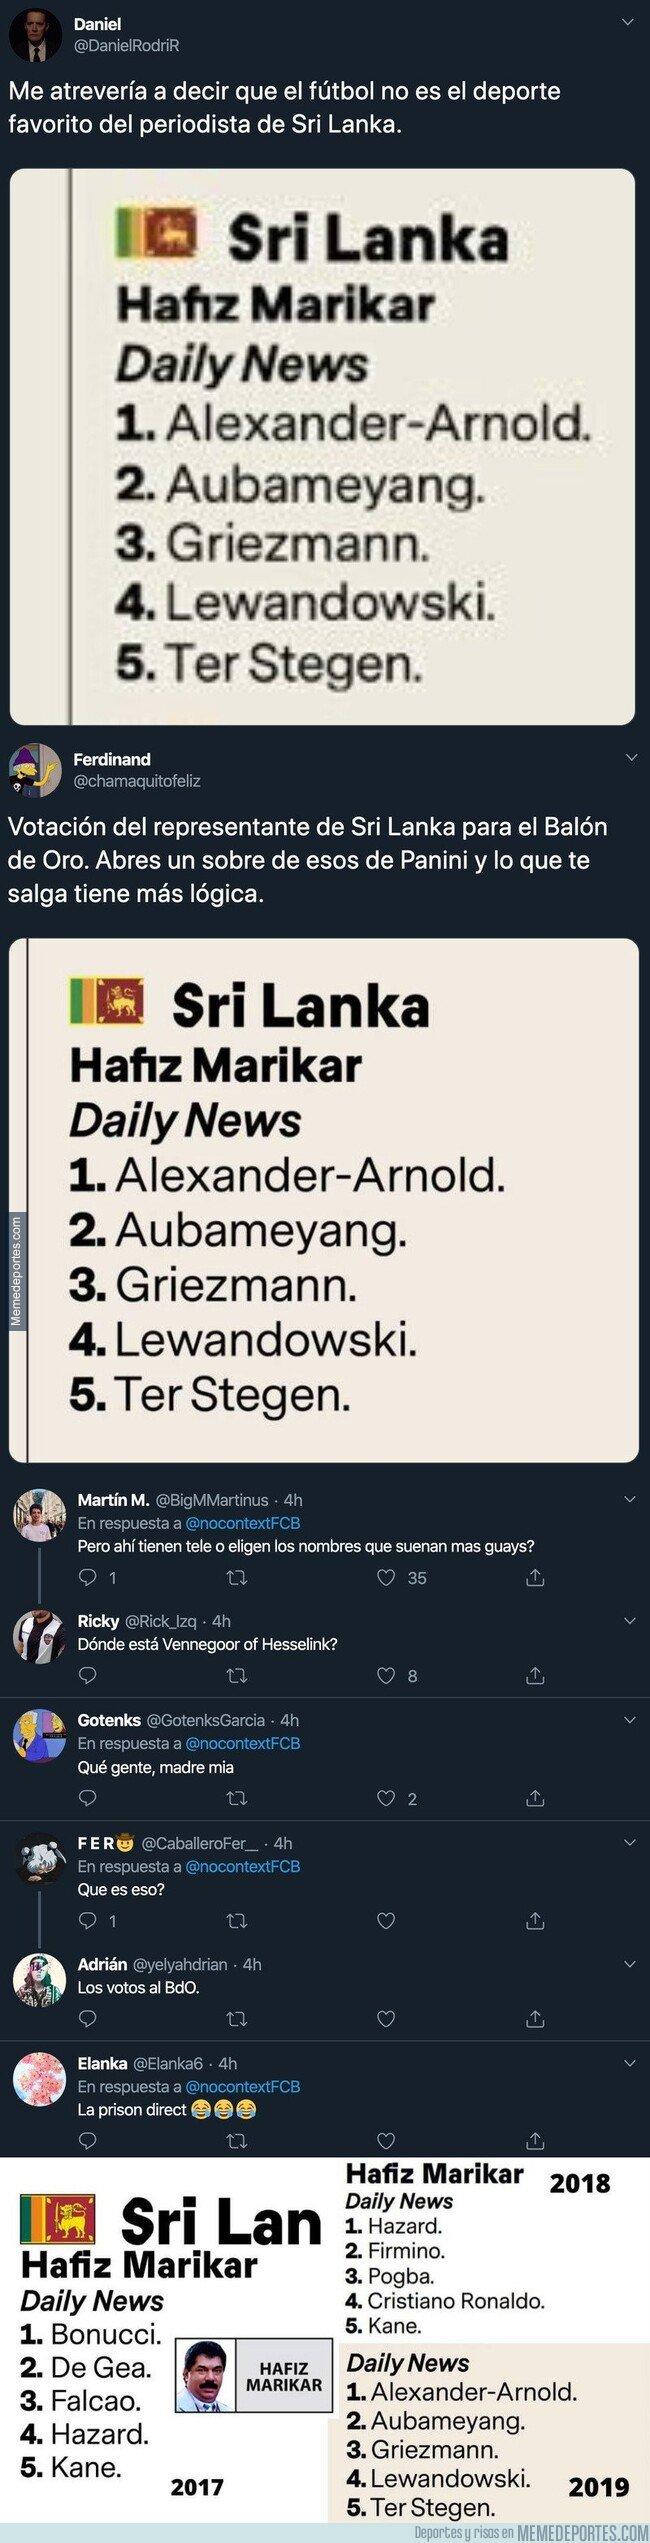 1092603 - Cachondeo máximo con lo que el periodista de Sri Lanka vota a estos jugadores cada año en el Balón de Oro